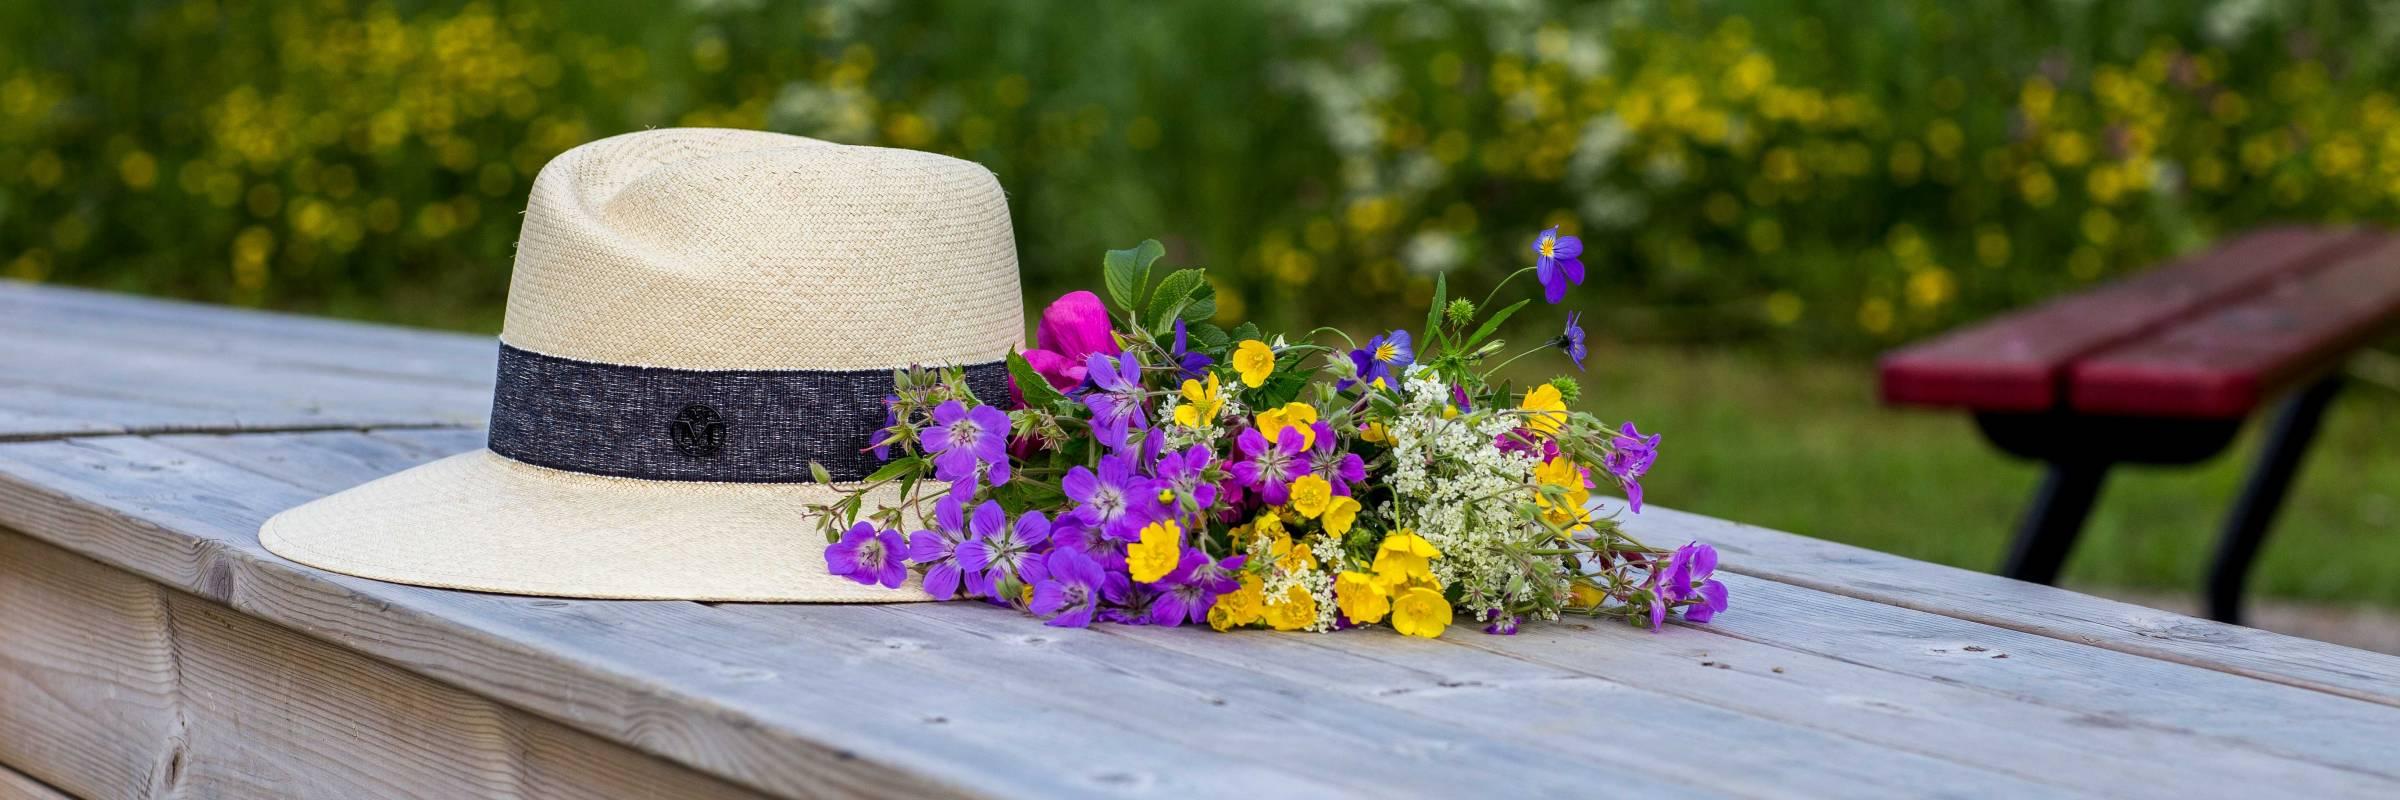 пиксельной картинки лето шляпа и цветы ваша фотосессия